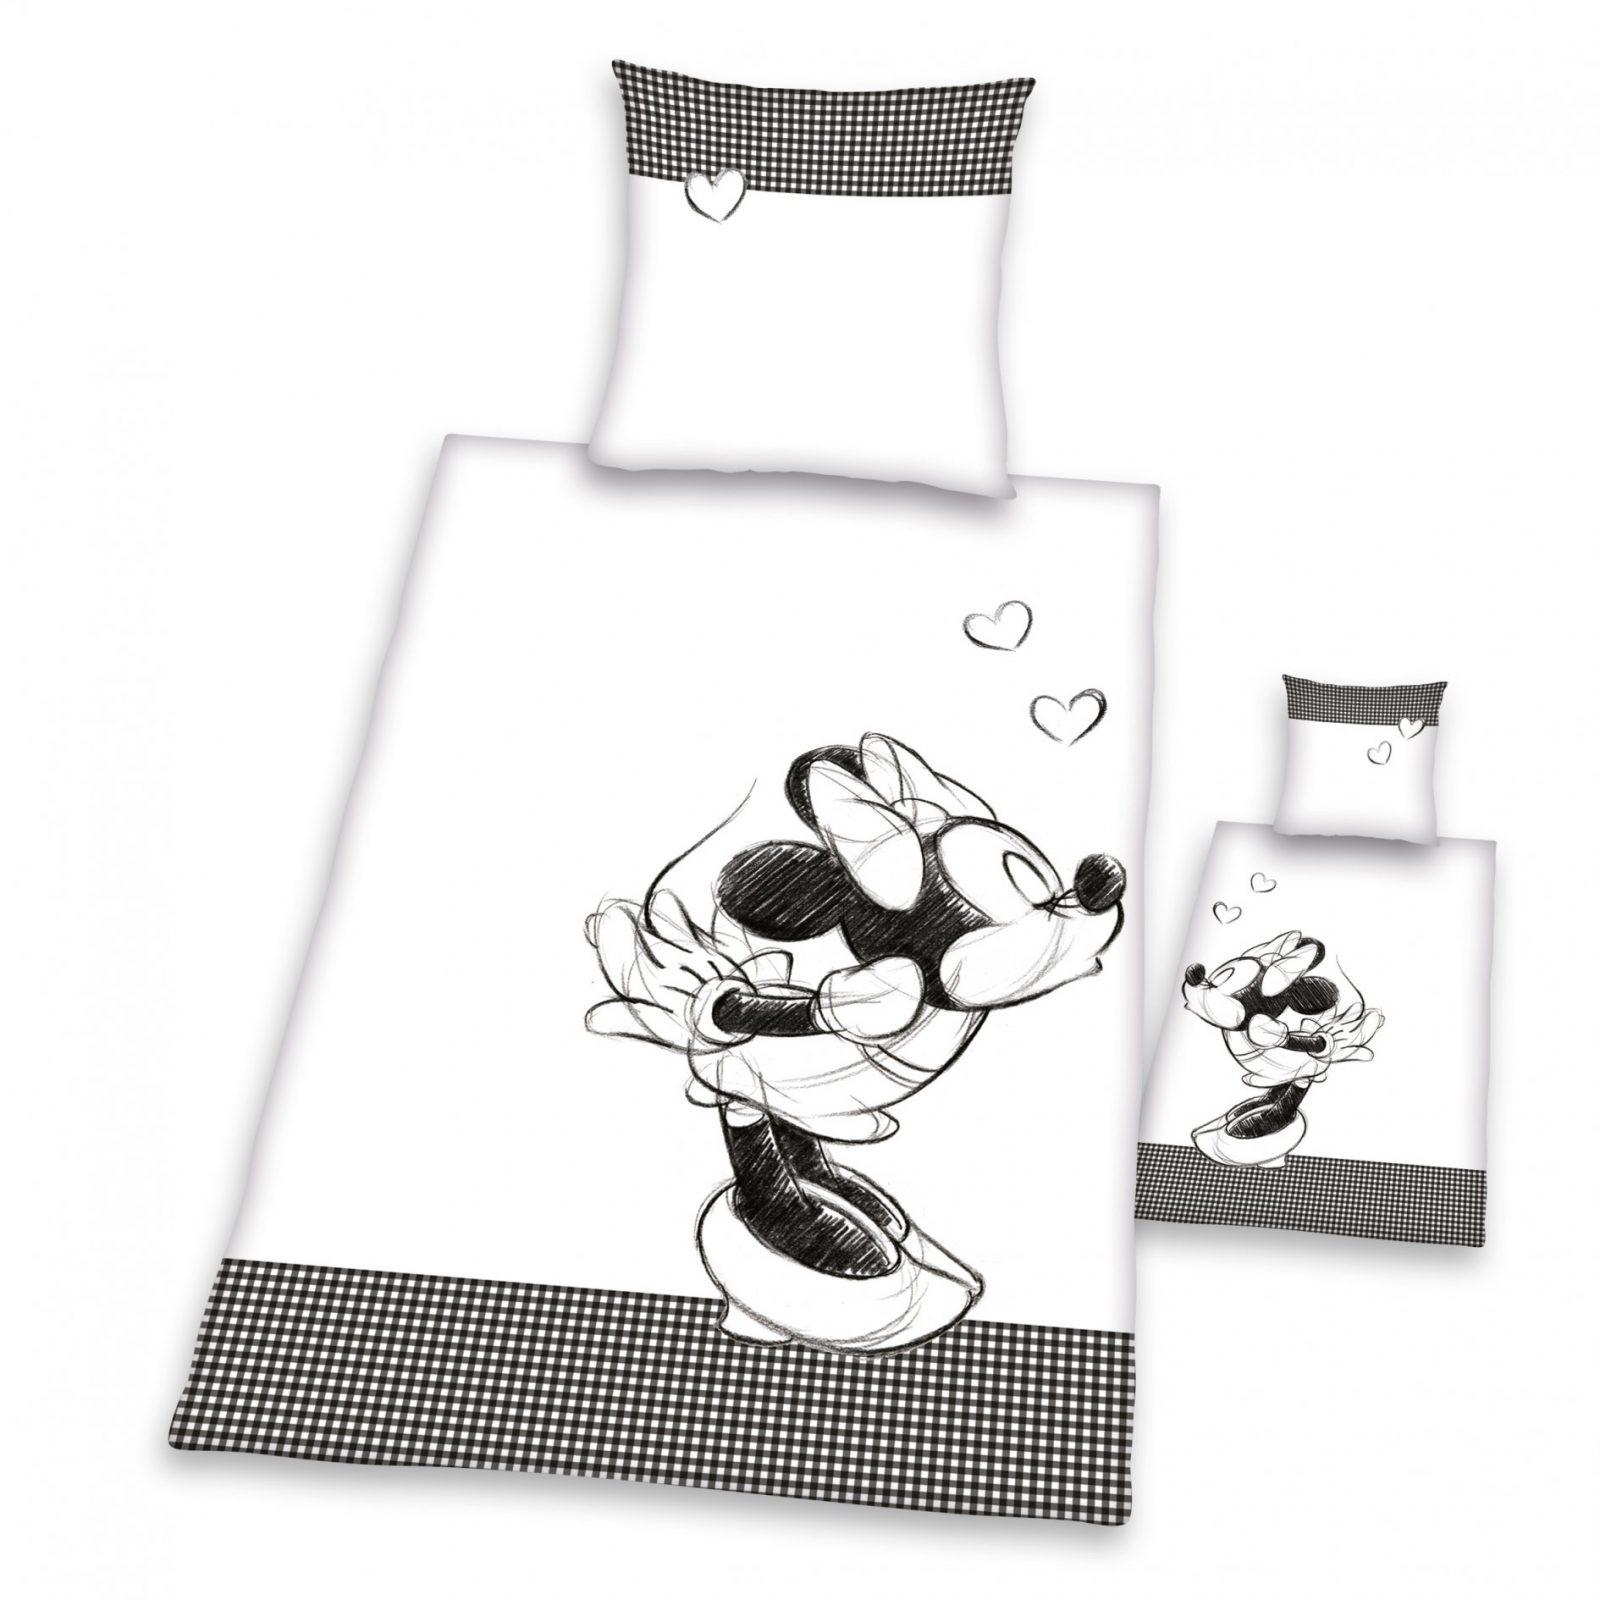 Trend Textilien Zum Kuscheln Und Träumen  Klaus Herding Gmbh von Partner Bettwäsche Mickey Mouse Und Minnie Mouse Bild